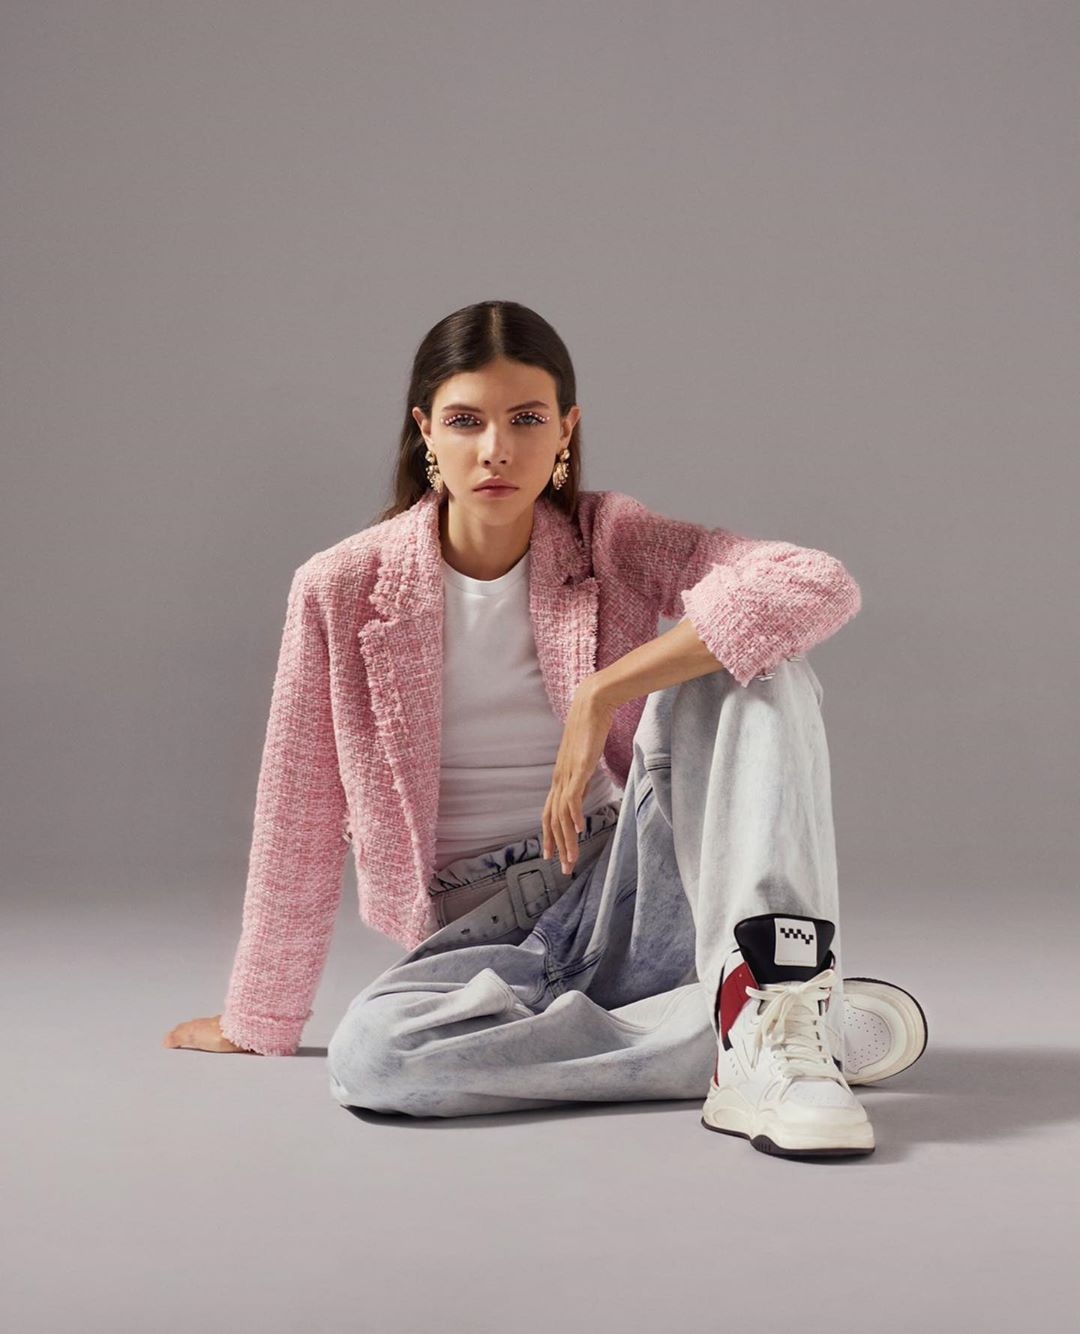 short tailor jacket with houndstook print de Bershka sur bershkacollection